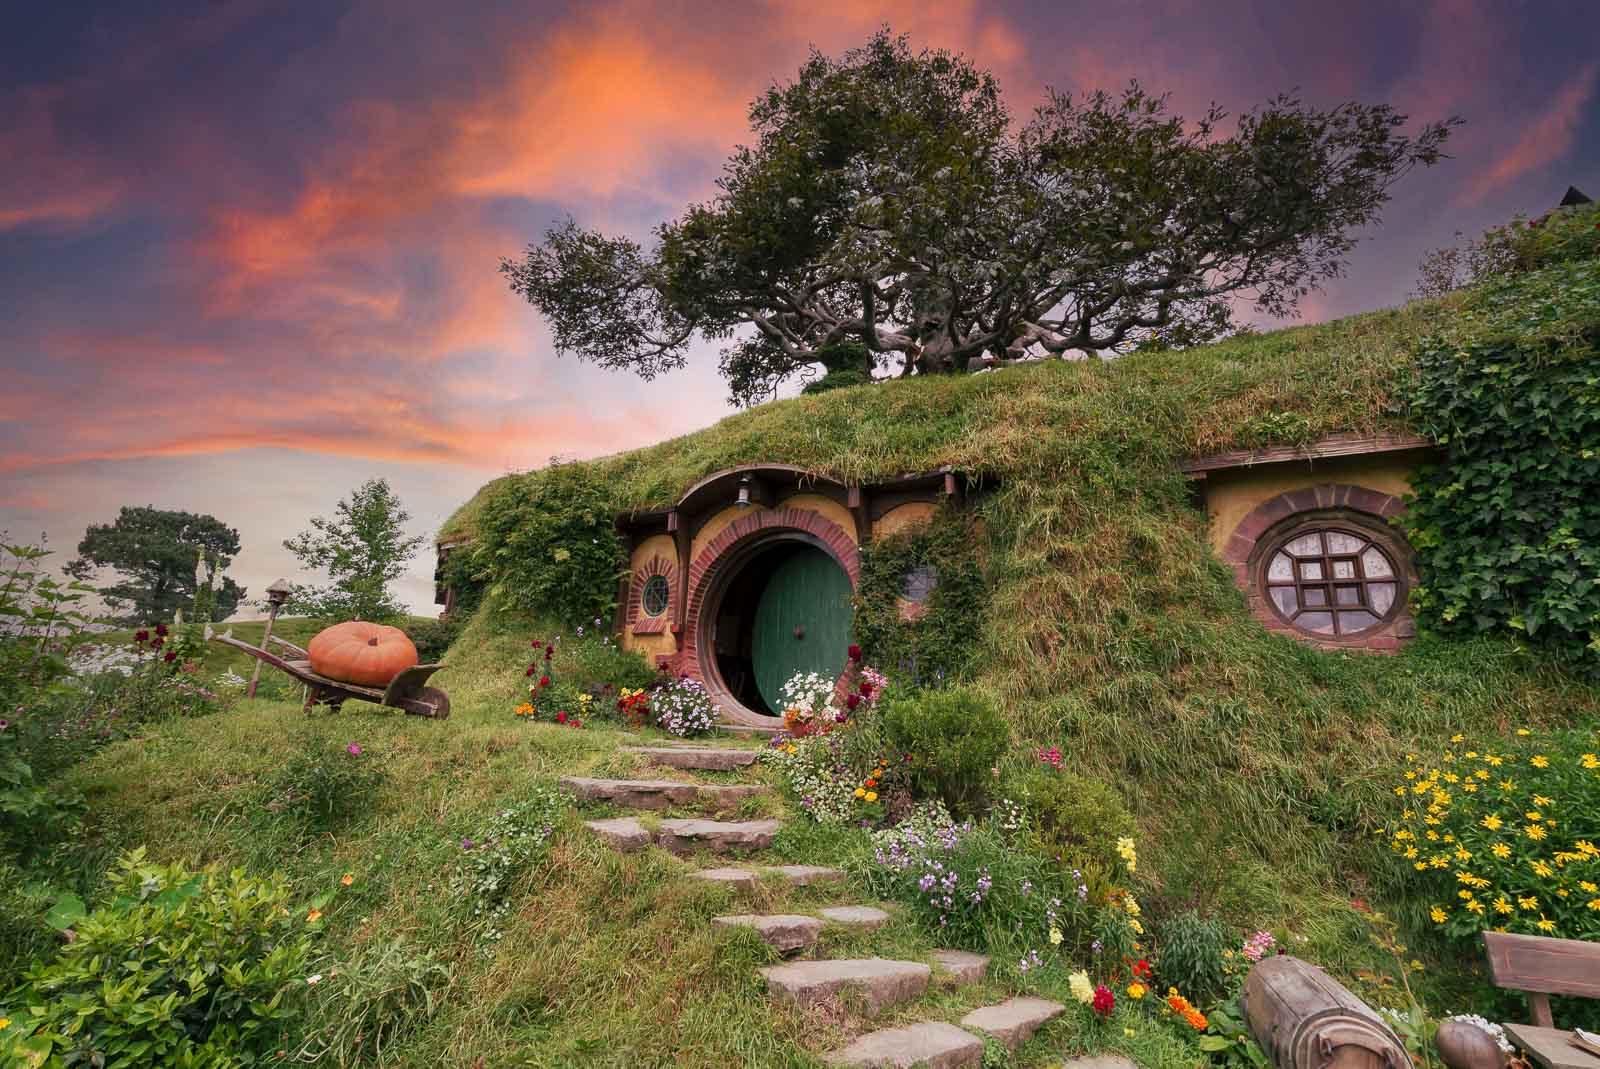 Hobbiton in New Zealand